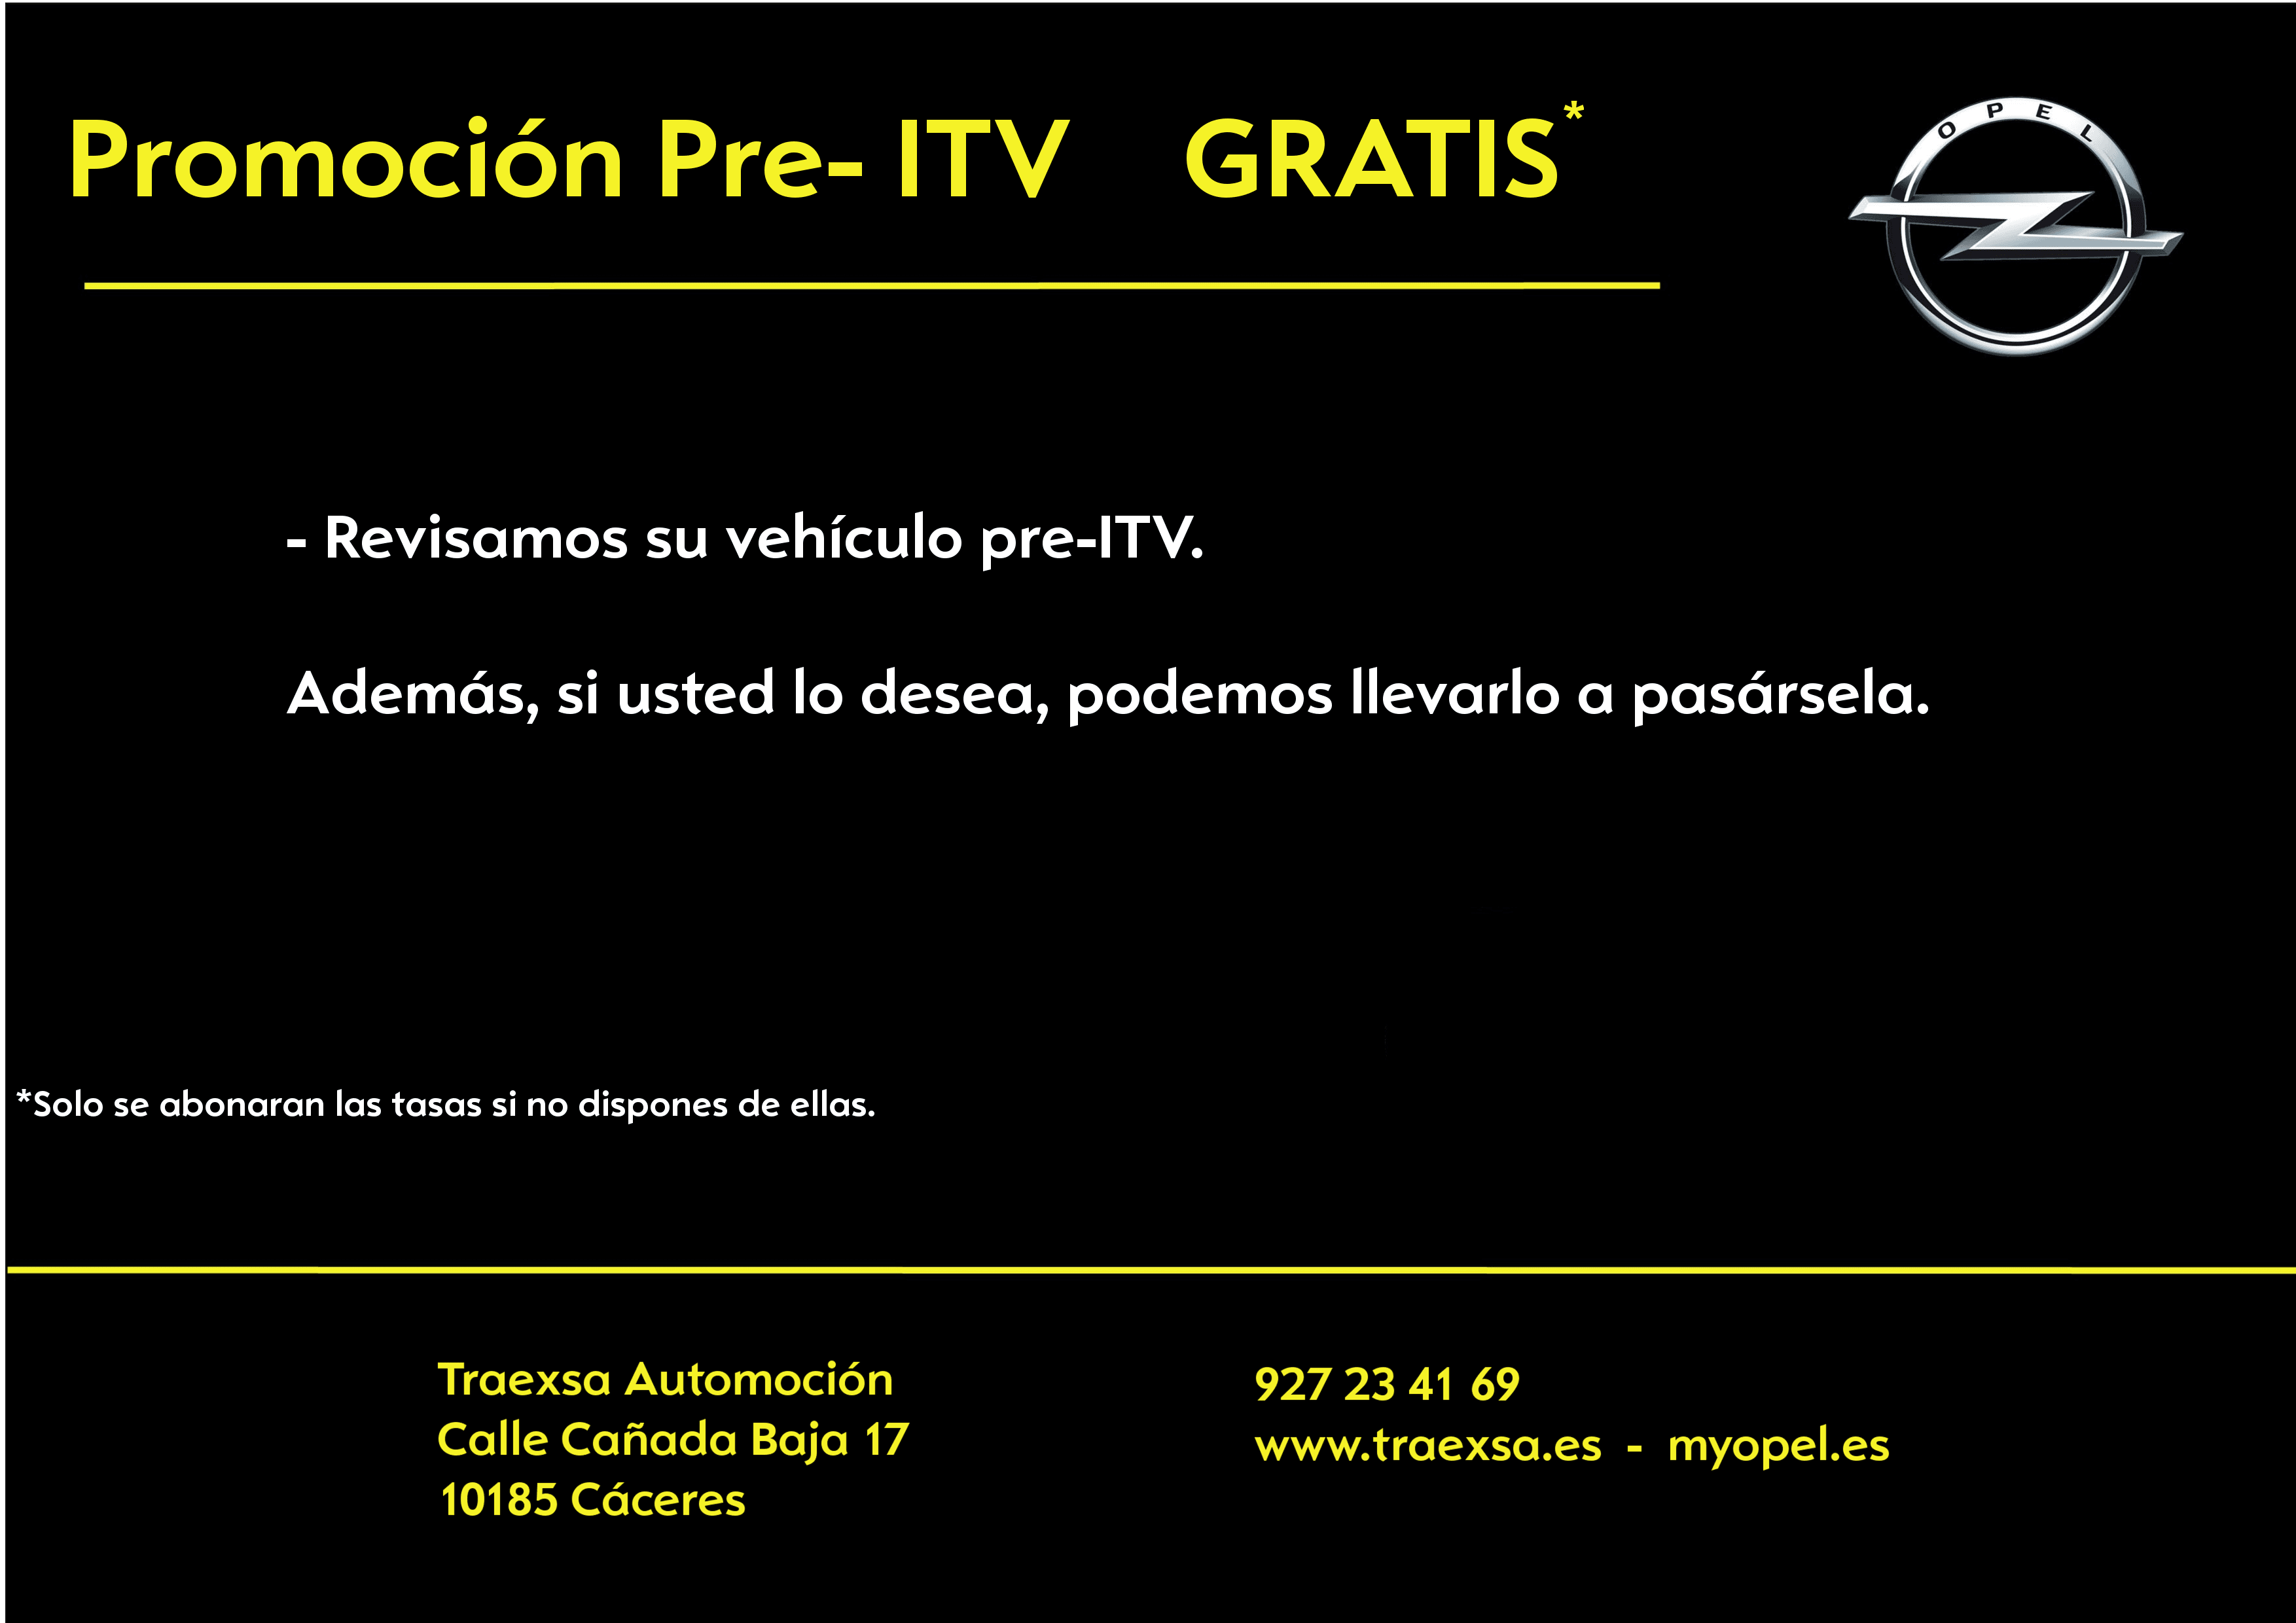 PRE - ITV GRATUITA